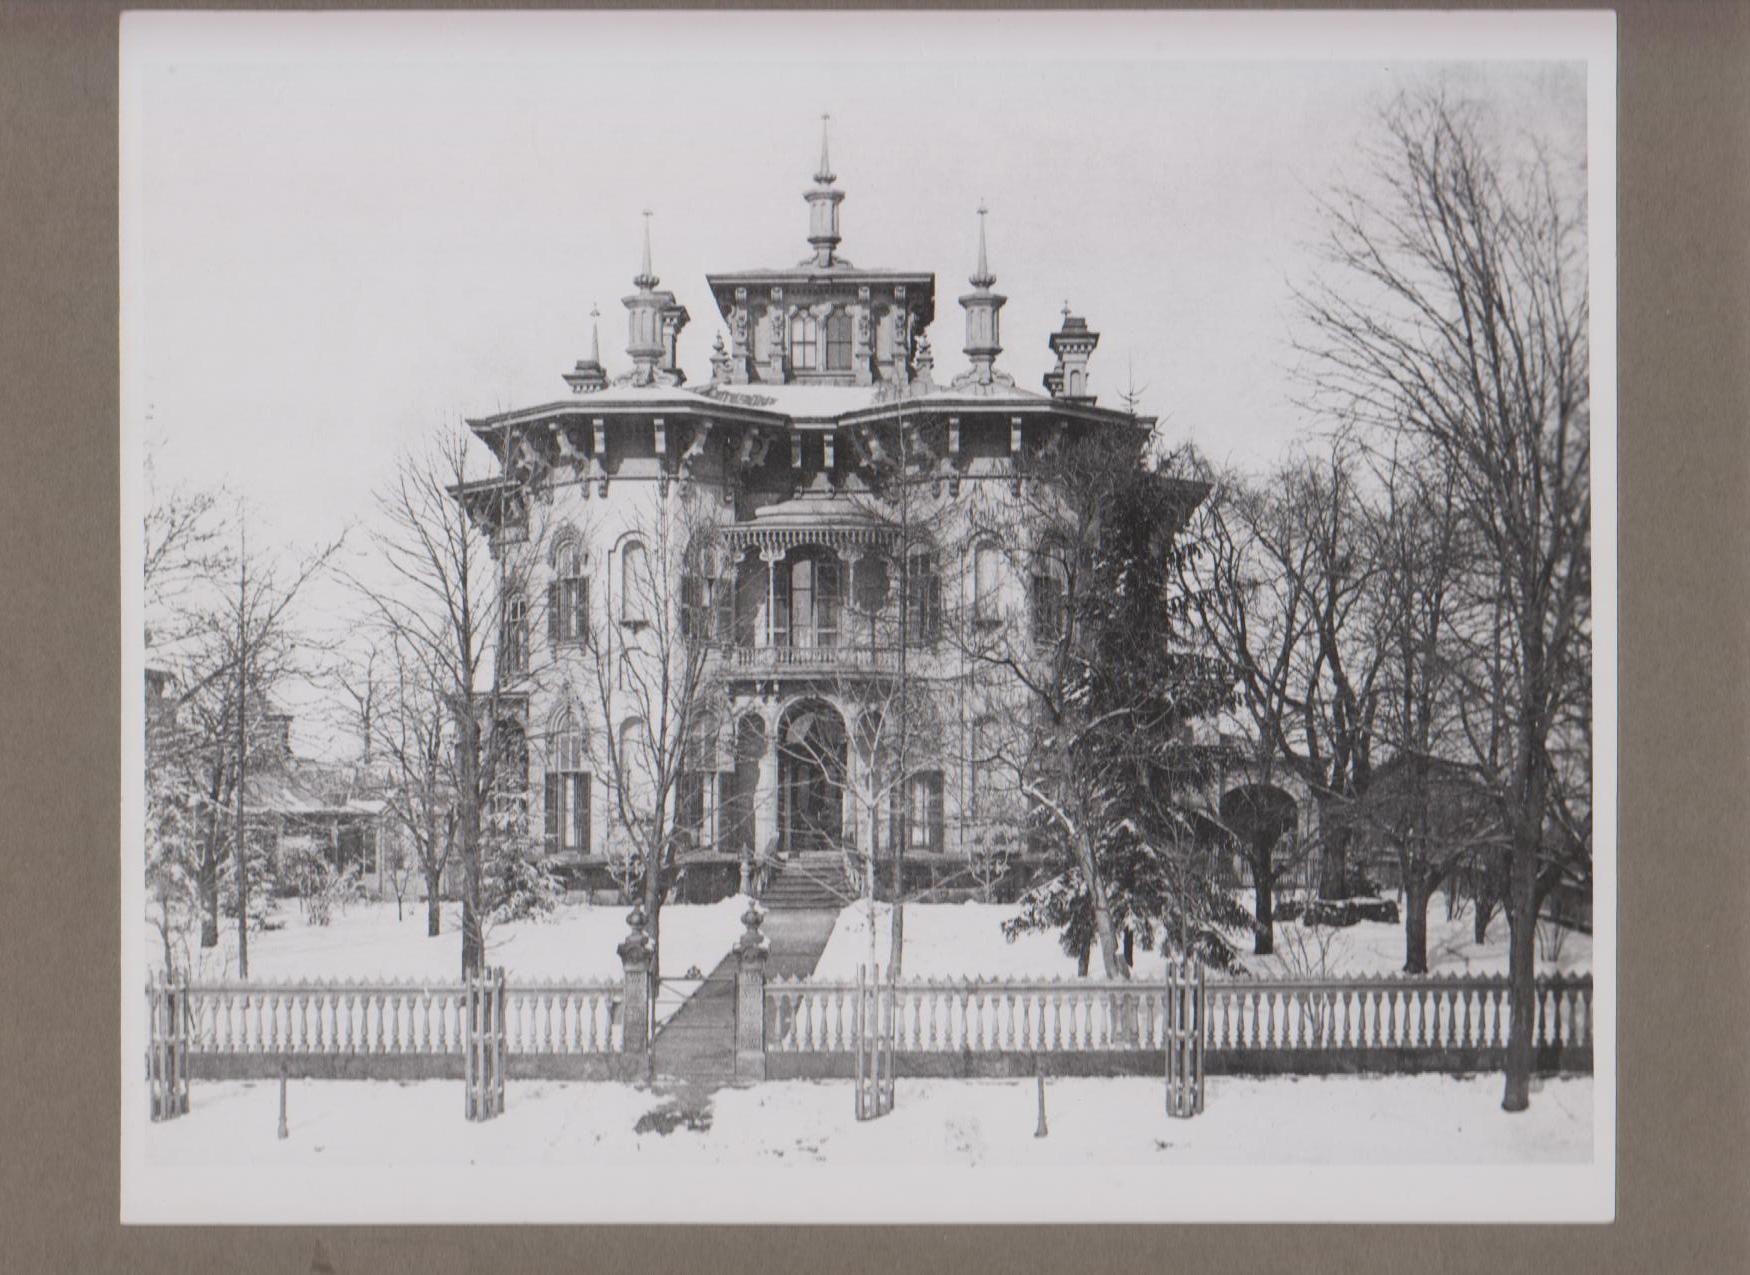 Cleveland Historical Millionaires Rowamasa Stone House